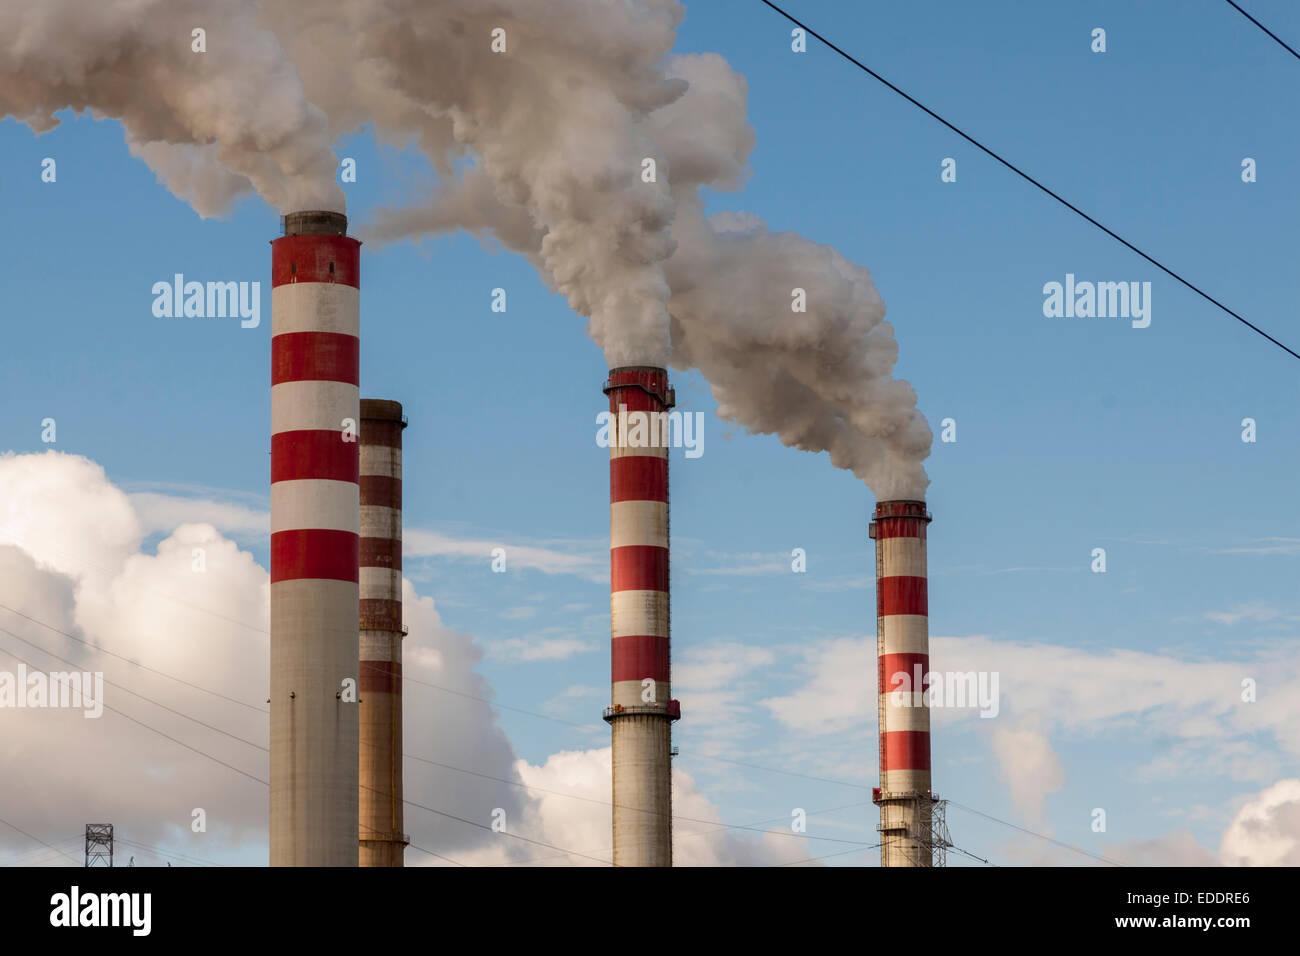 Grande l'inquinamento in polacco centrali a carbone vegetale - patnow, Konin, l'Europa. Immagini Stock